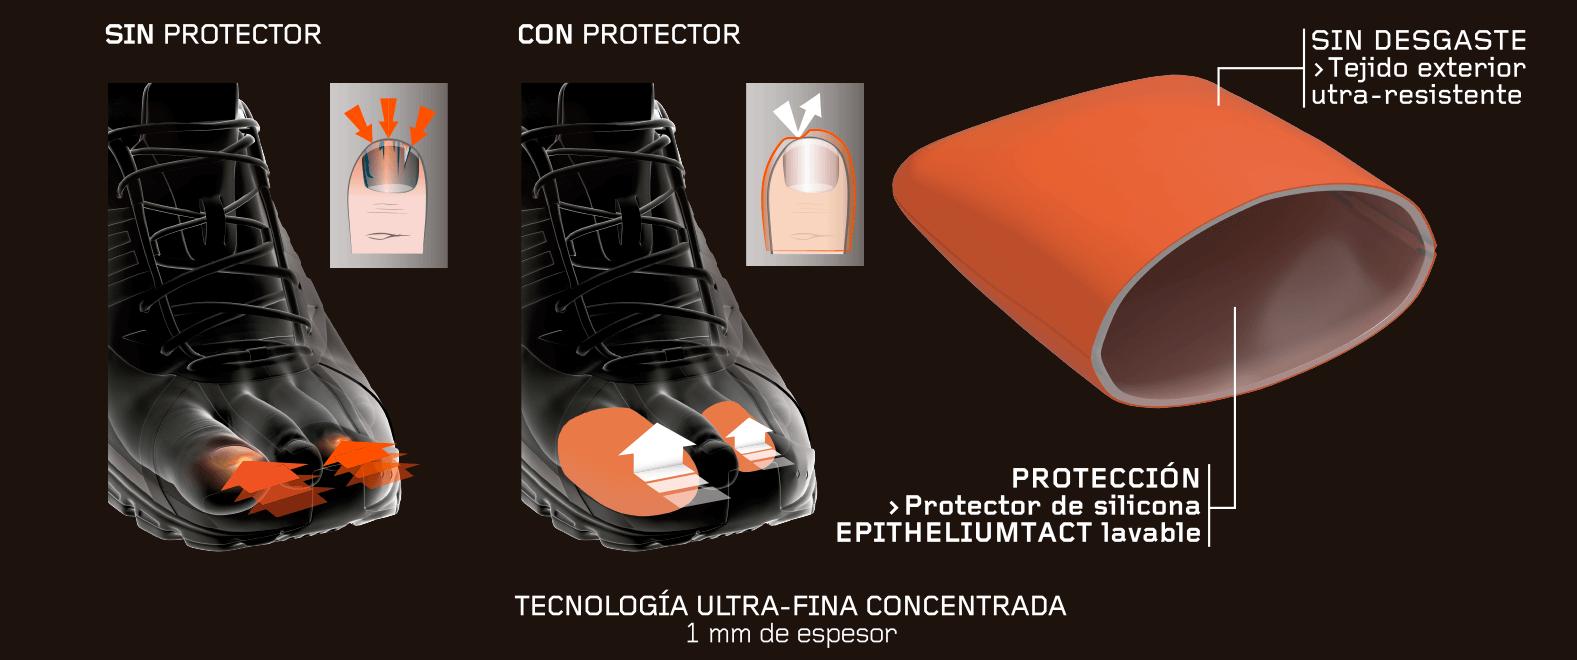 Protección de uñas ultra-resistente con protector de silicona lavable